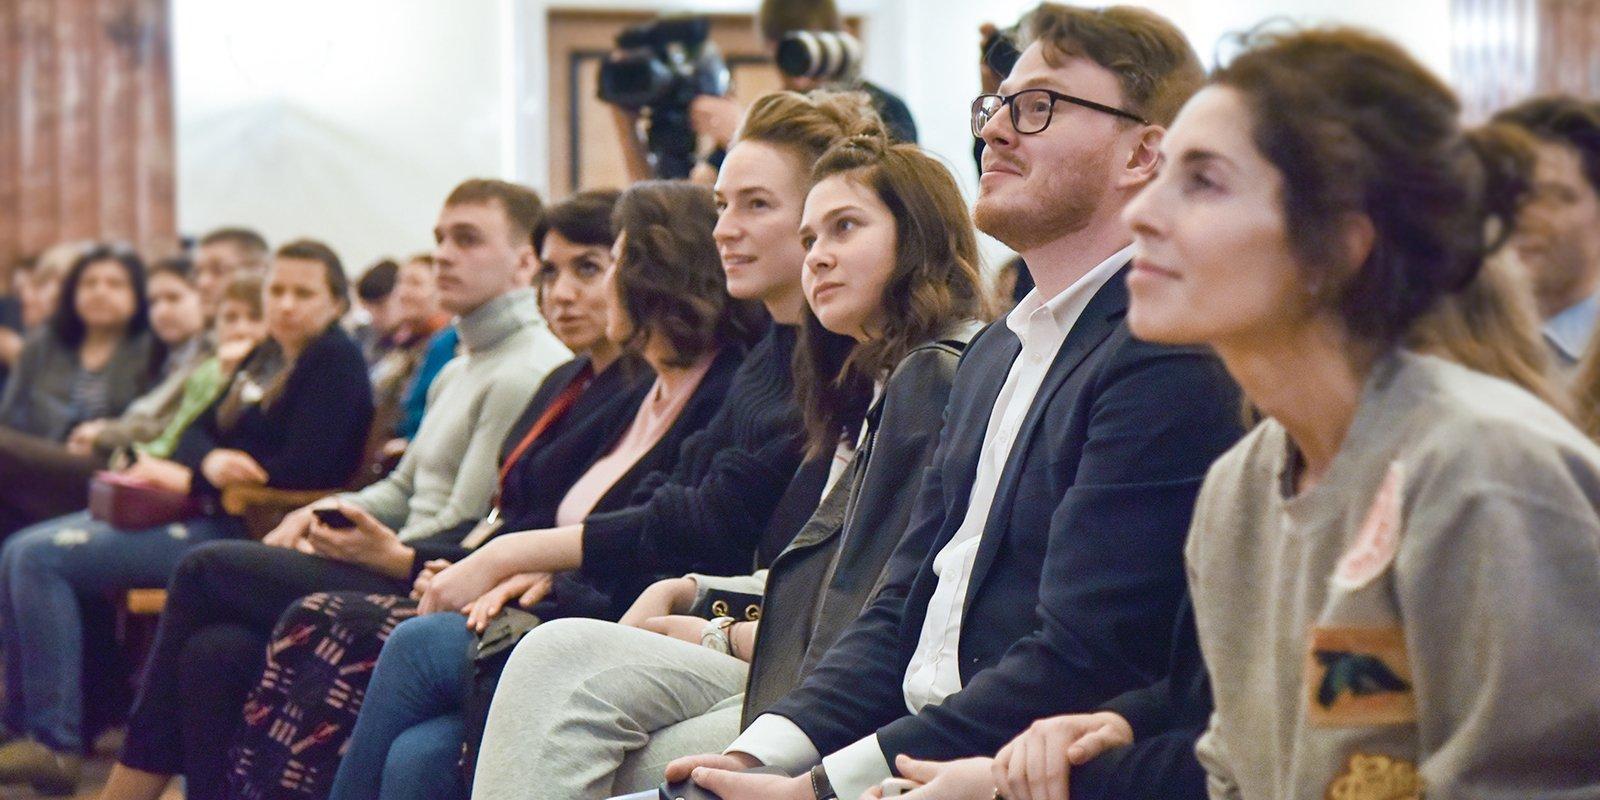 Представители Культурного центра «Ватутинки» из Десеновского проведут лекторий о сказках. Фото: официальный сайт мэра Москвы